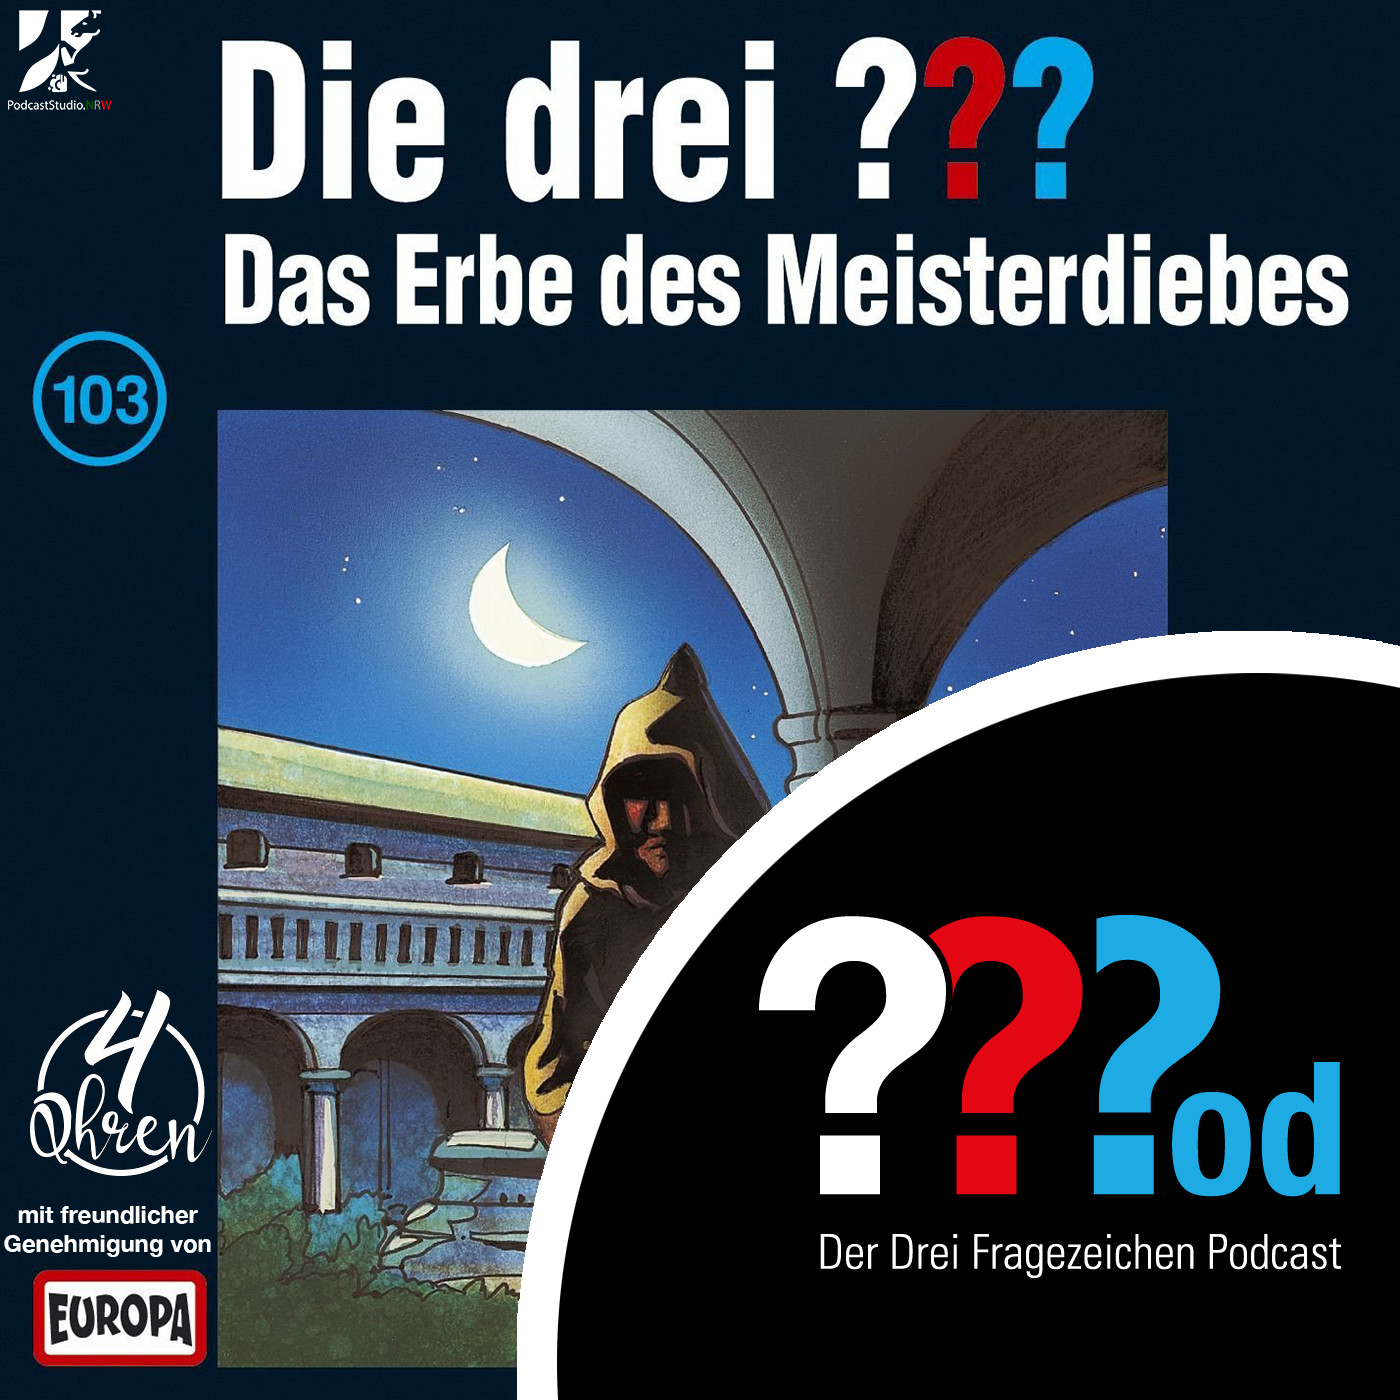 Fragezeichenpod - 103 - Das Erbe des Meisterdiebs